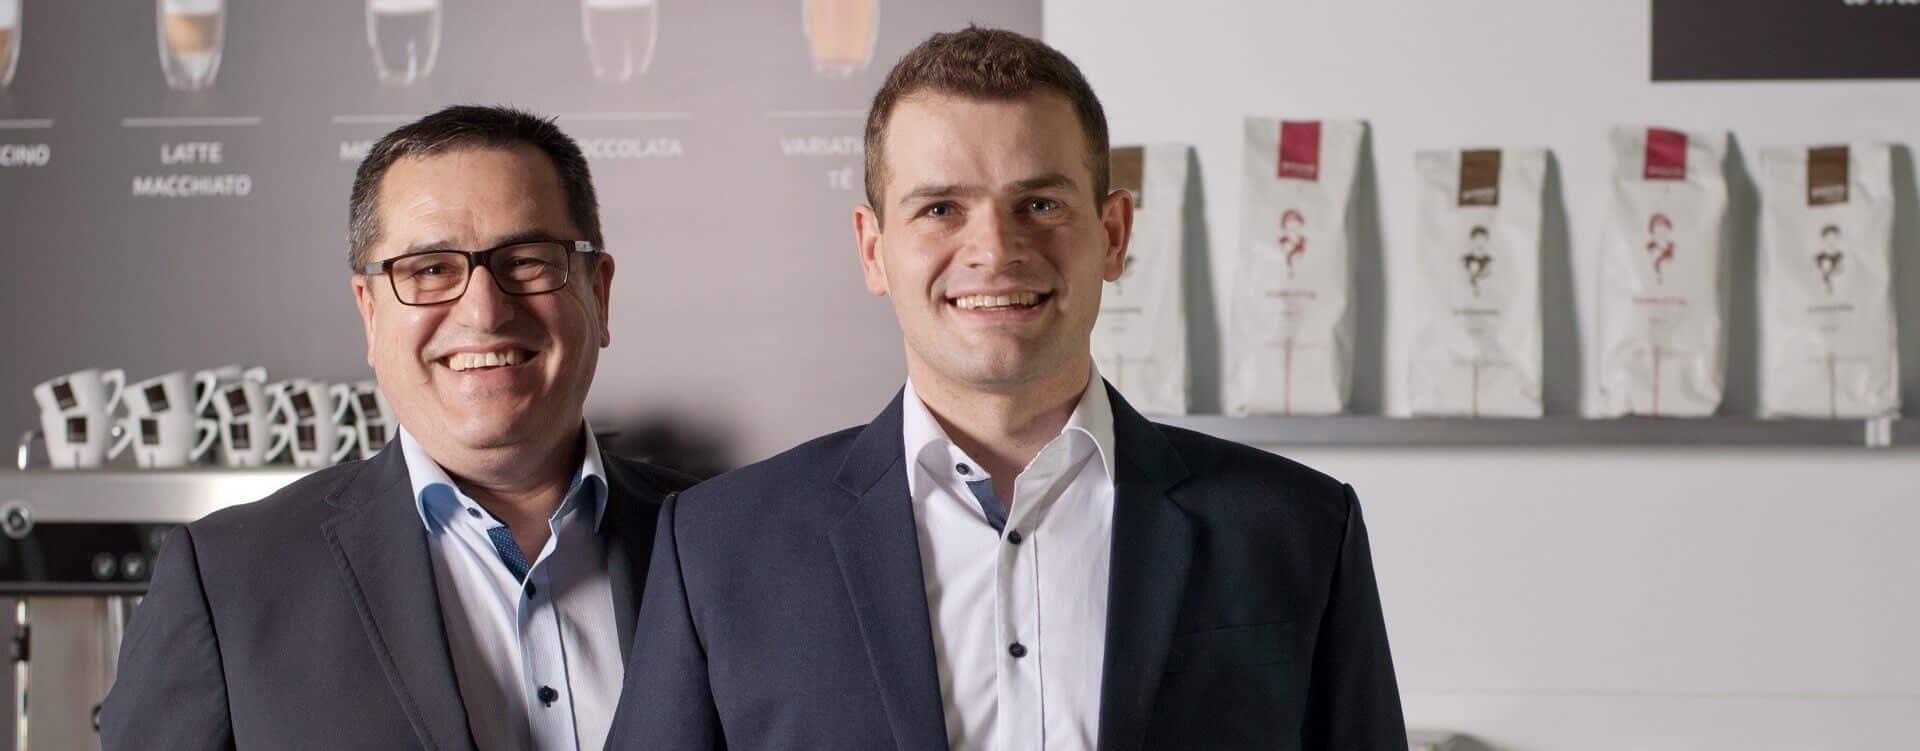 Christian Fuchs und Siegfried Fuchs, Geschäftsleitung von BEVERO und der PREMO GROUP